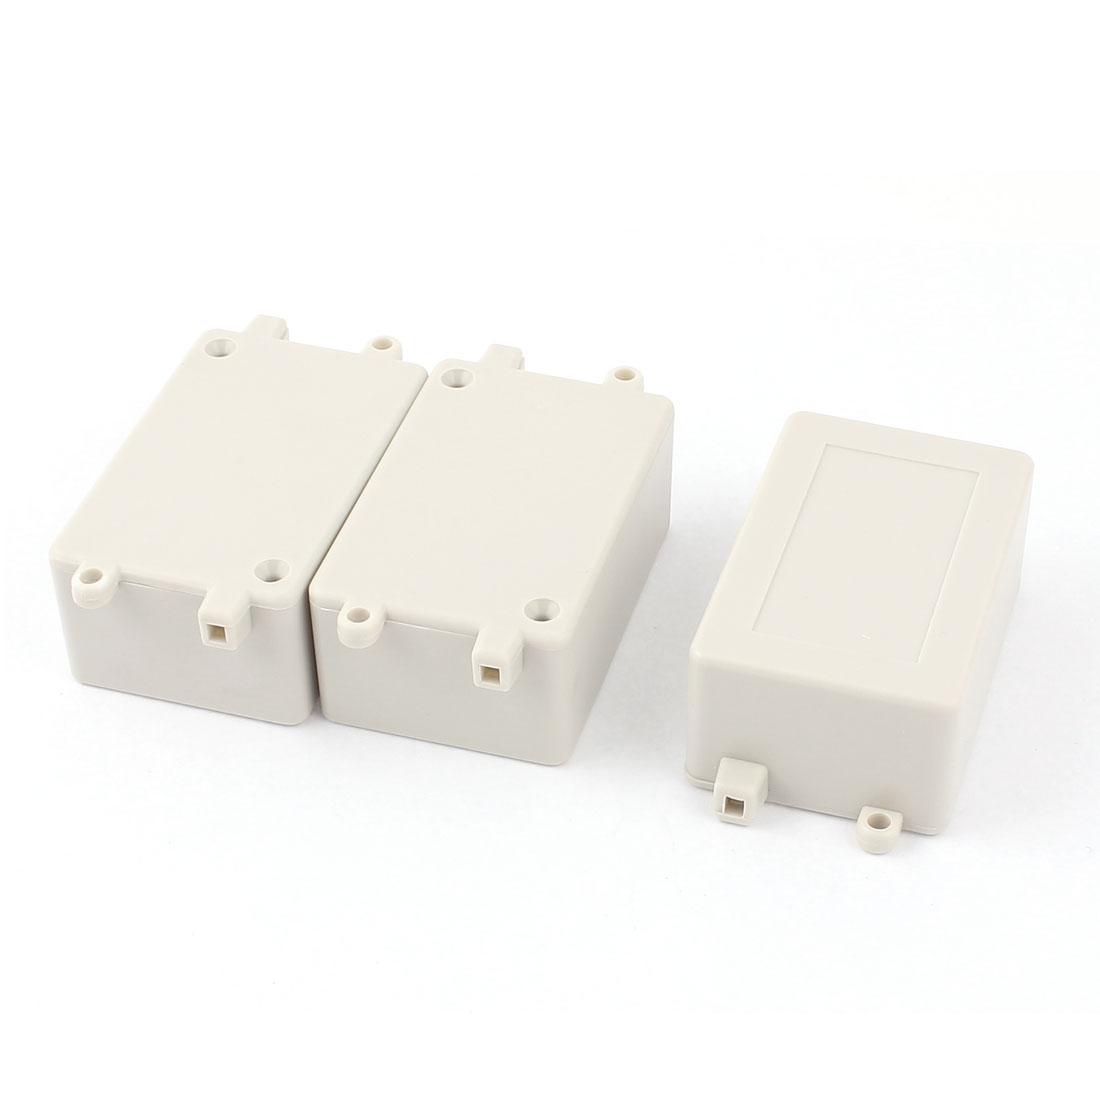 70x45x30mm Cable Connect Plastic Enclosure Case Junction Box 3pcs